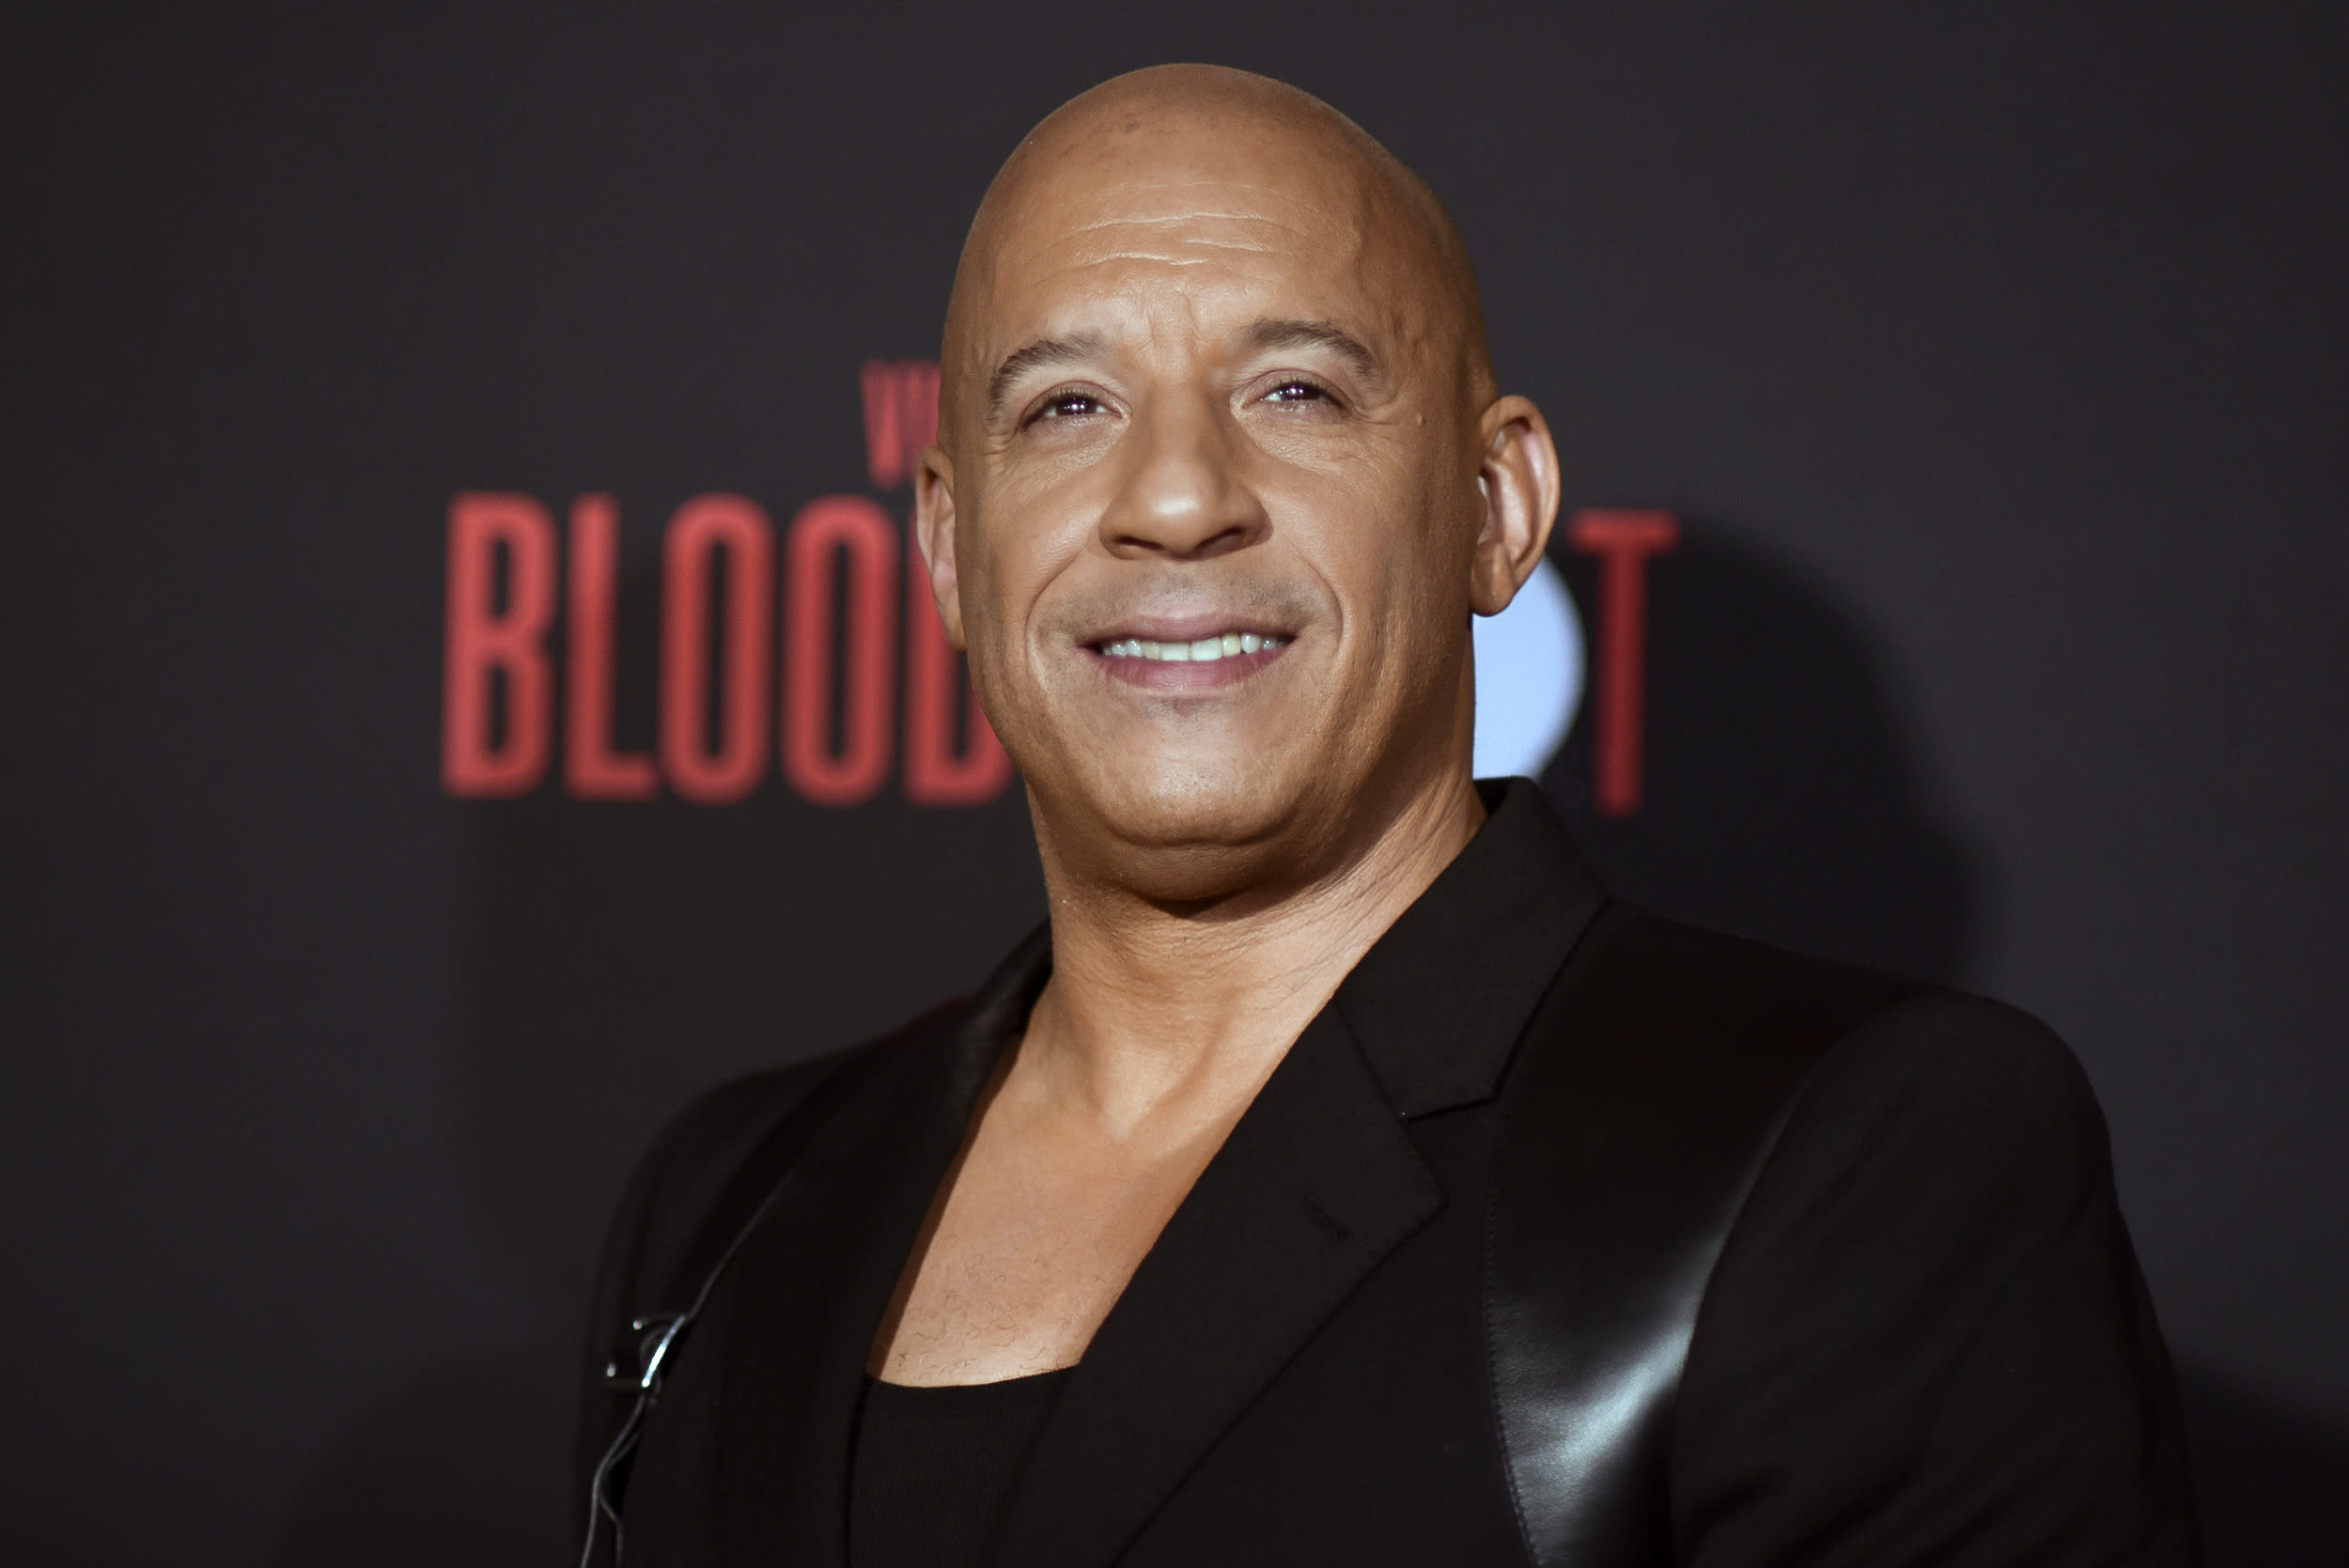 Vin Diesel unveils his debut single